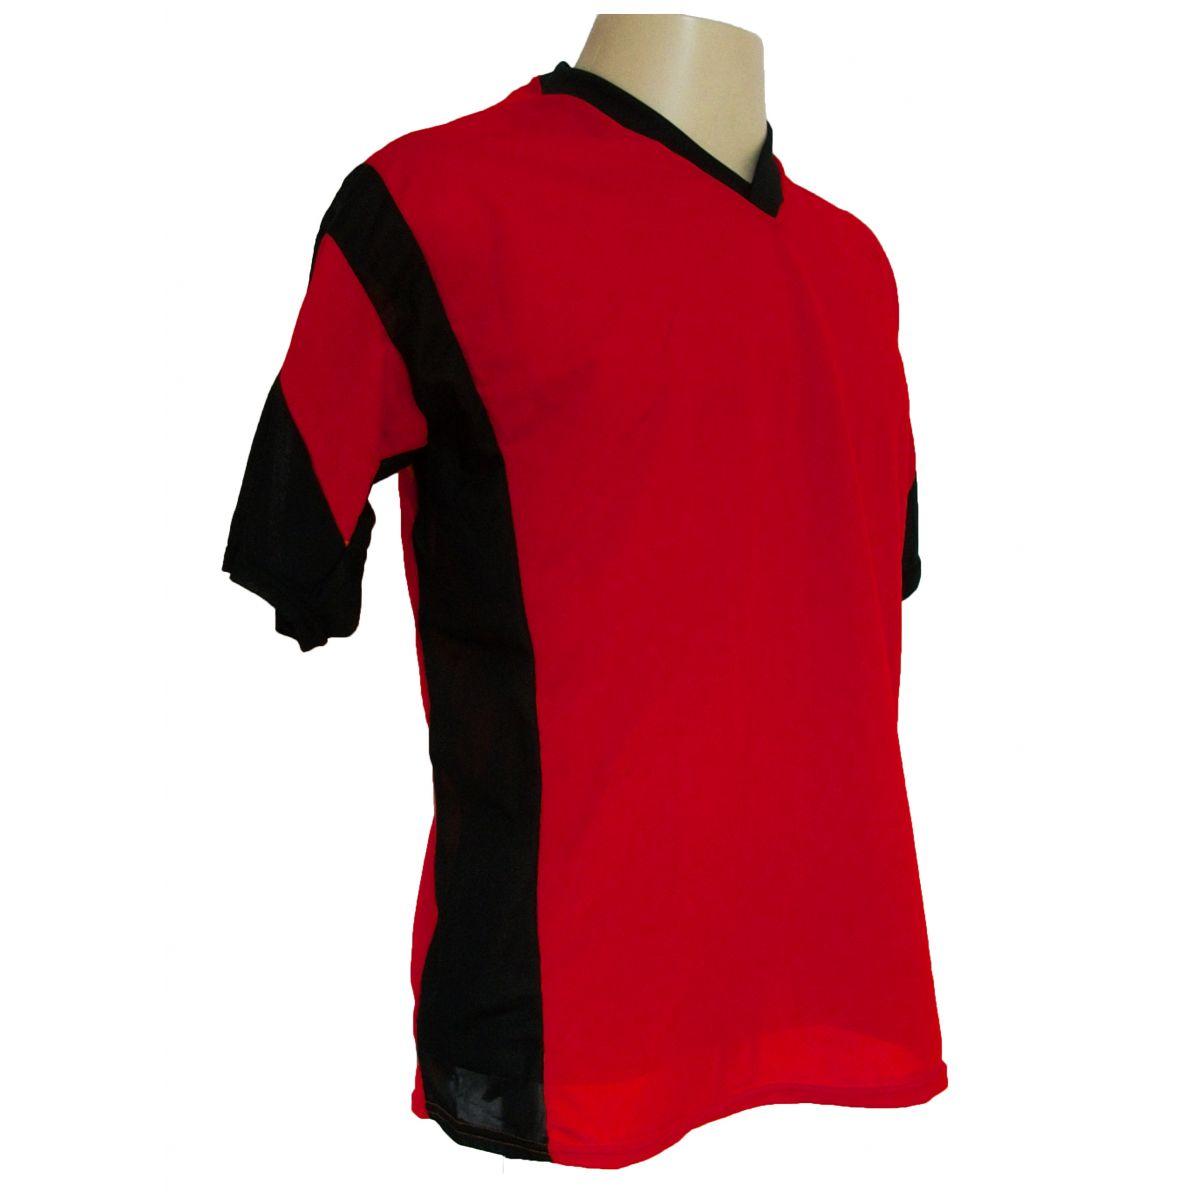 Jogo de Camisa Promocional com 12 Peças Numeradas Modelo Attack Vermelho/Preto